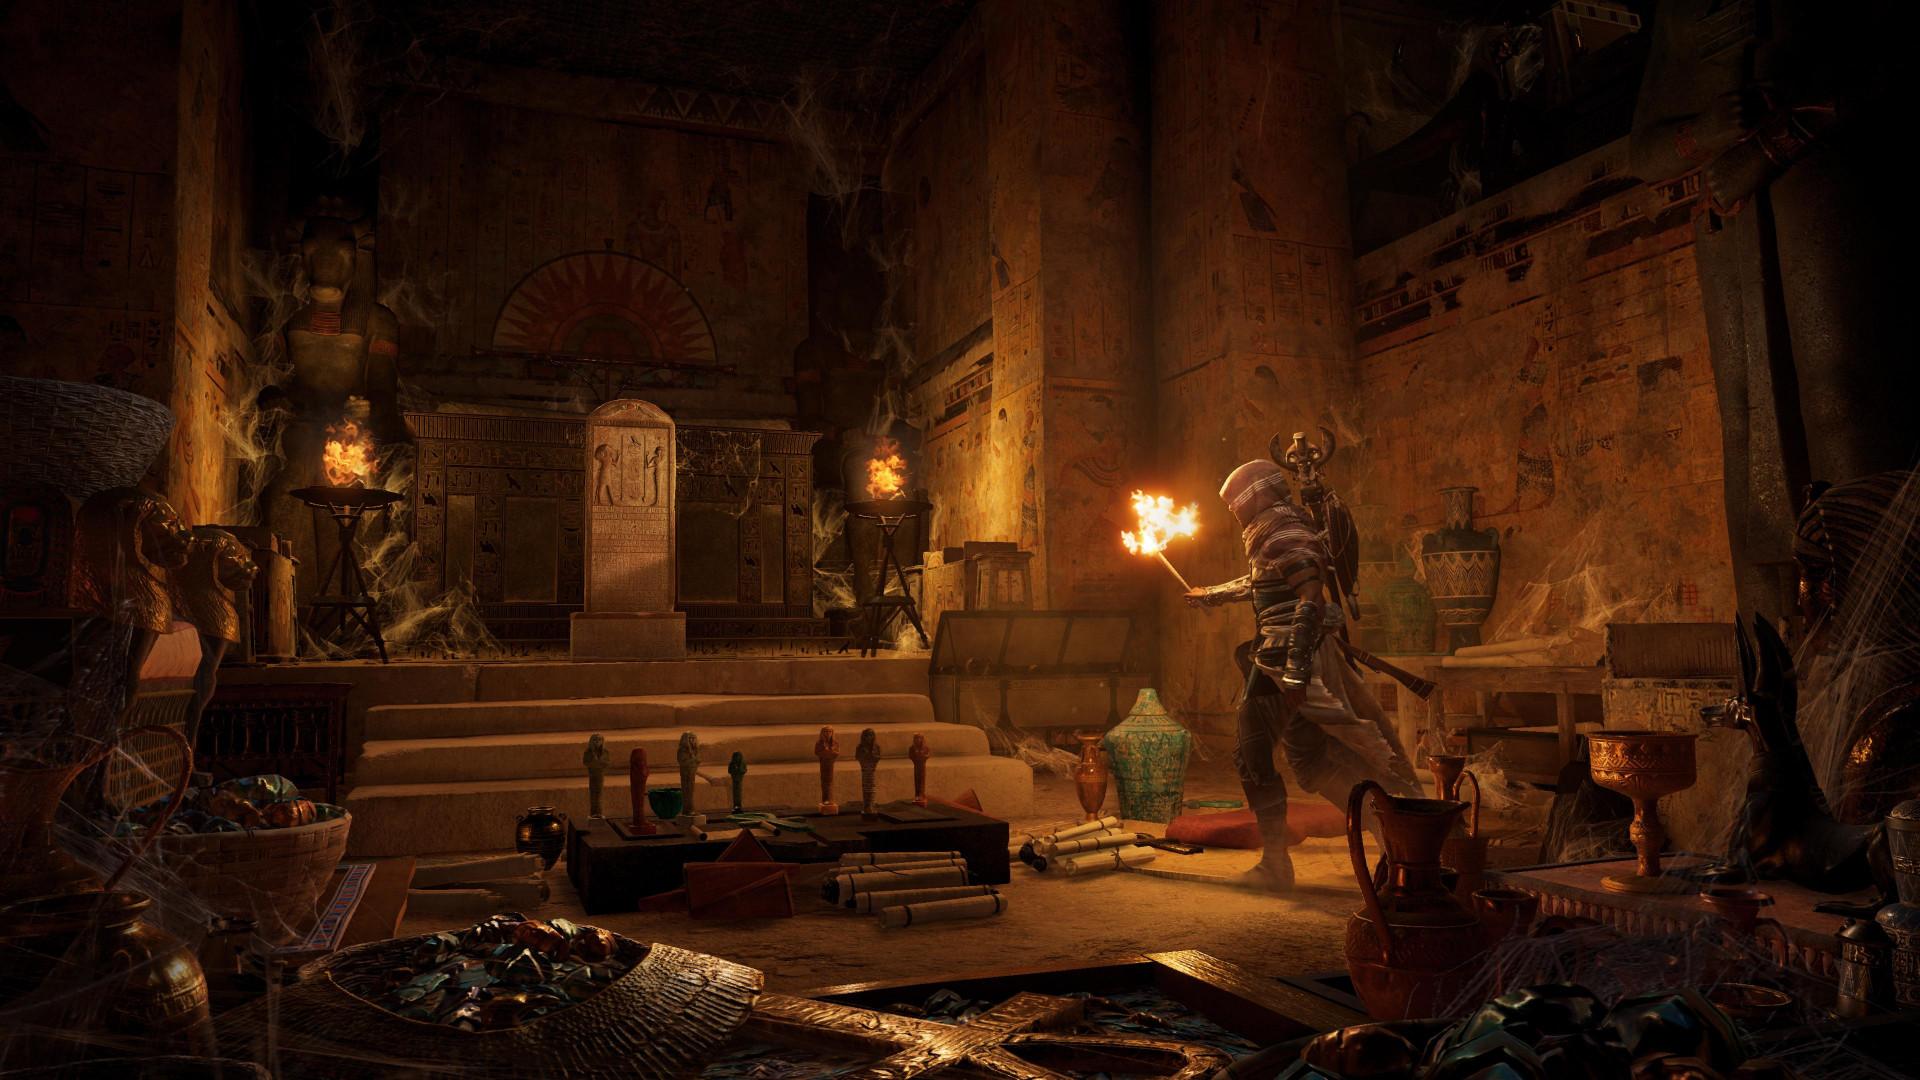 Представлены первые 15 минут геймплея Assassin's Creed: Origins — The Curse of the Pharaohs